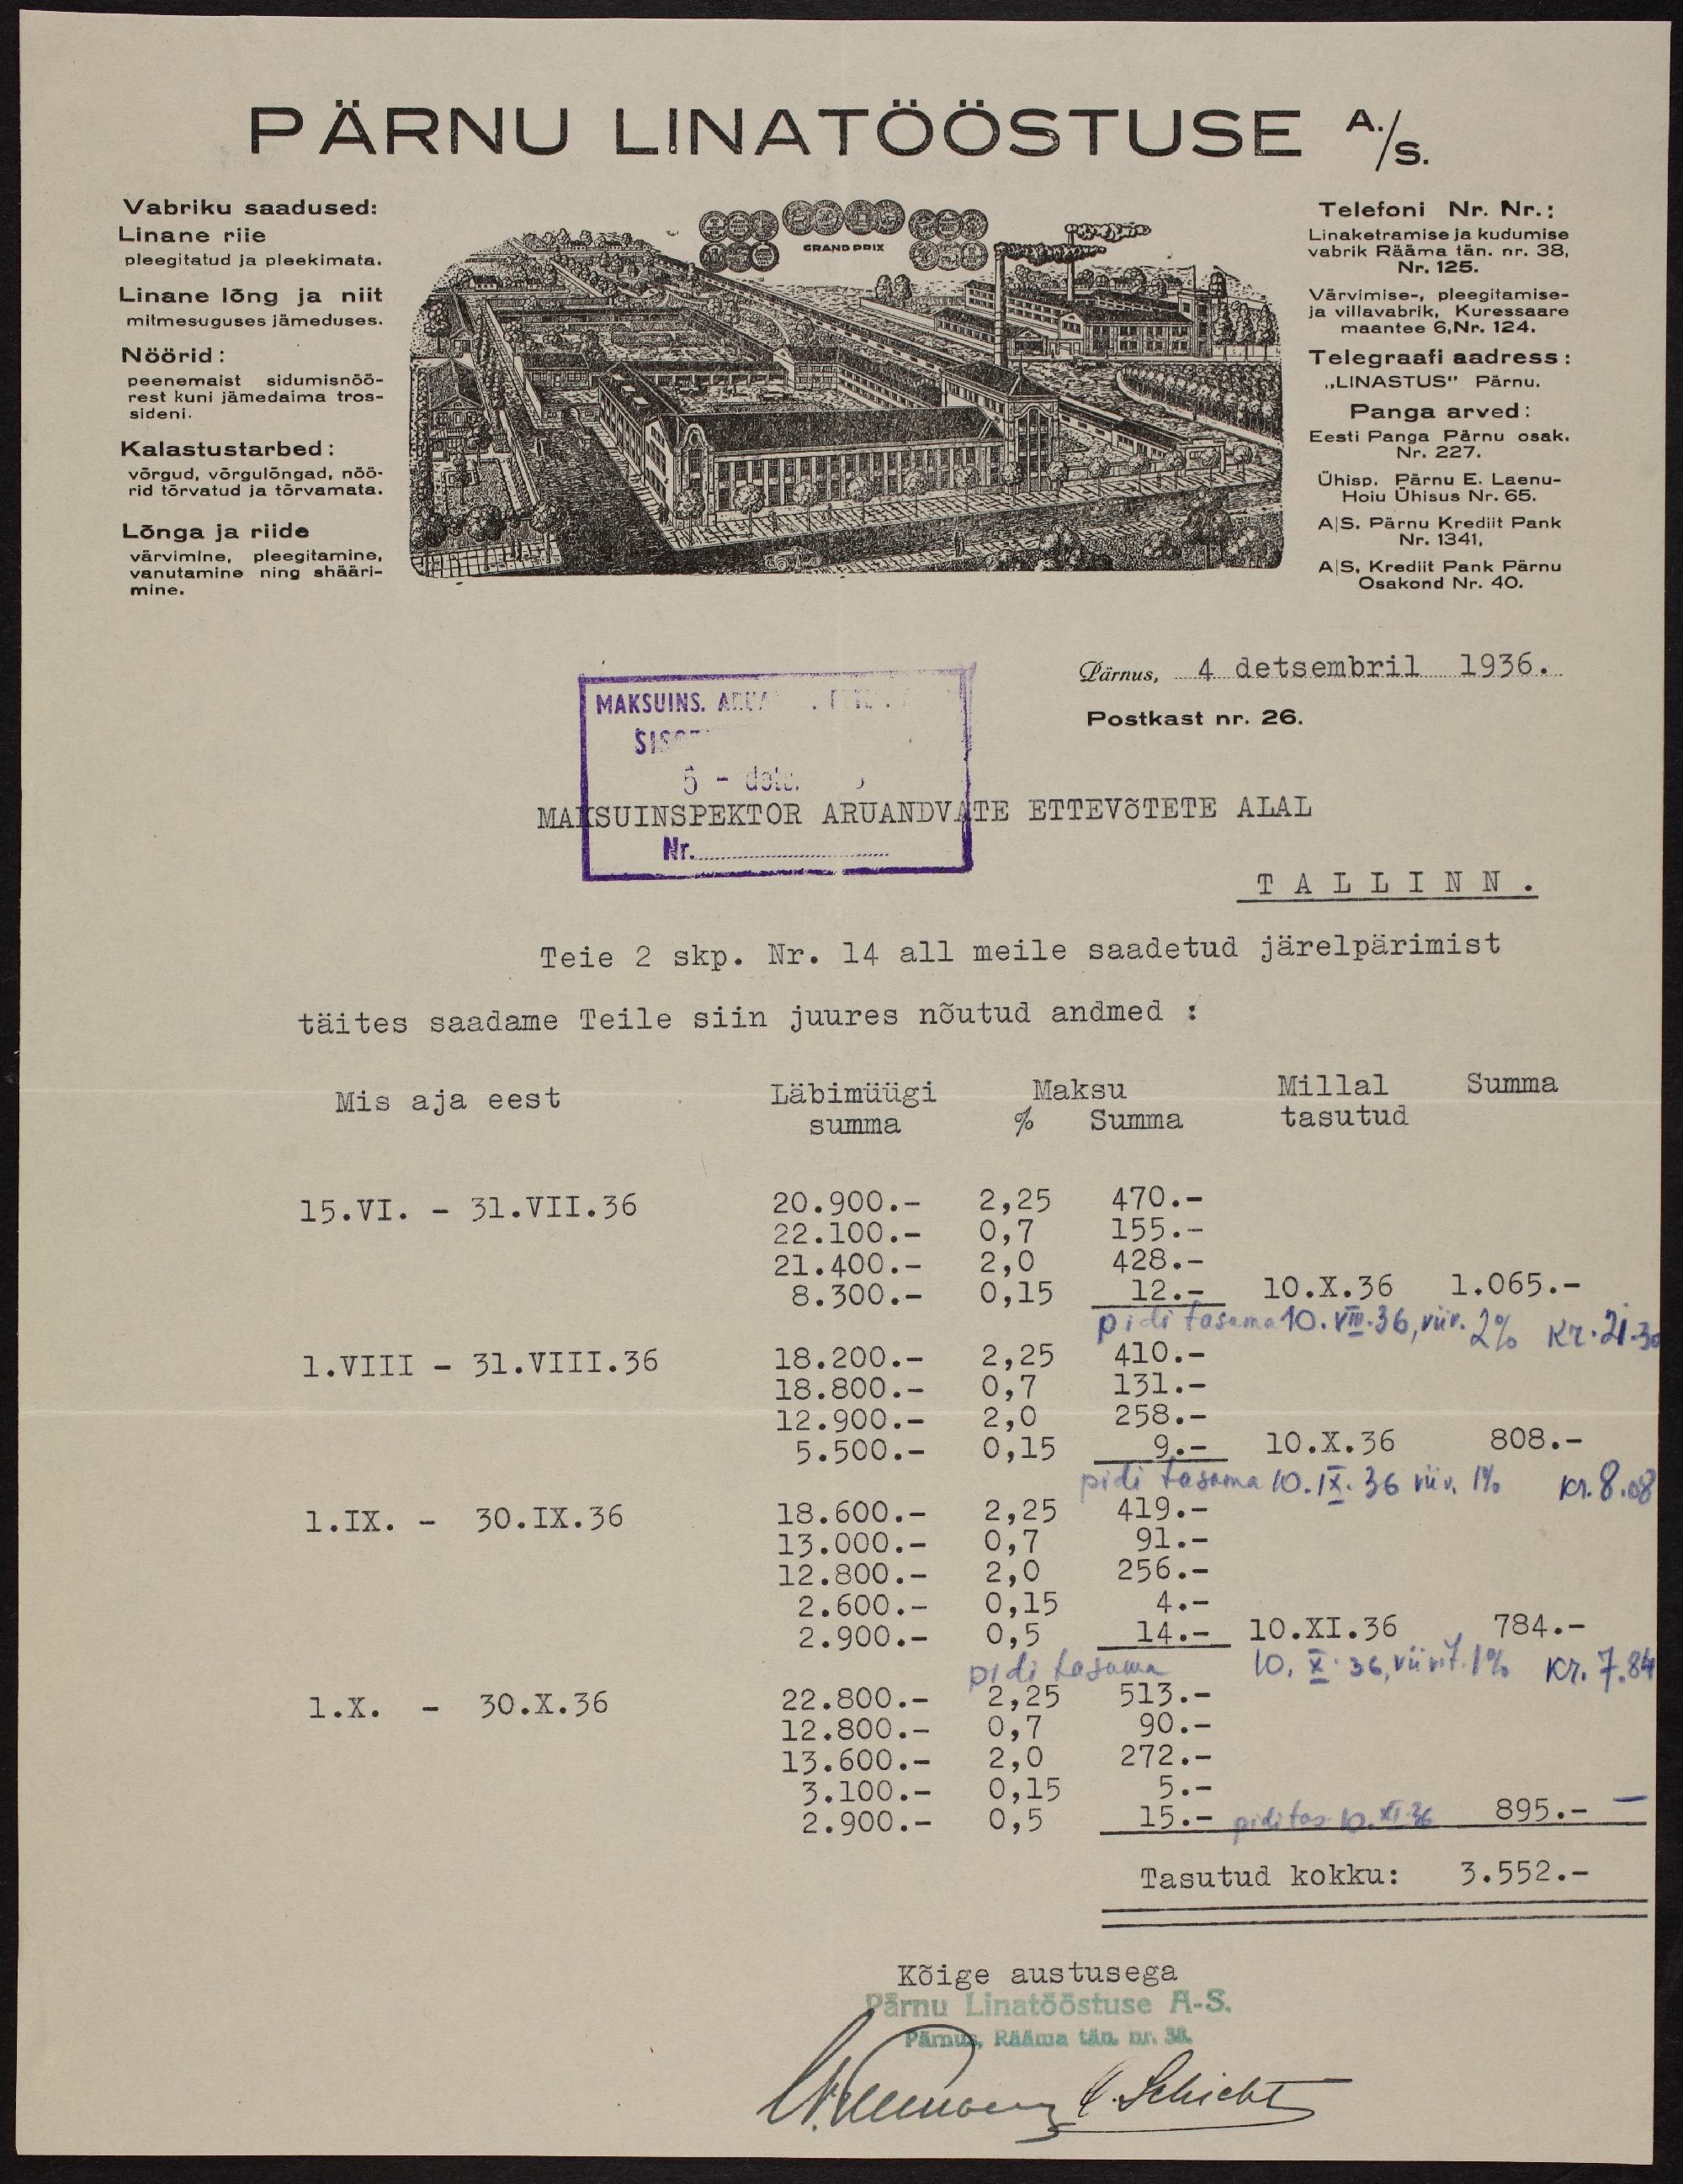 Väljavõte Pärnu Linatööstuse maksutoimikust, 1936. ERA.72.2.2479